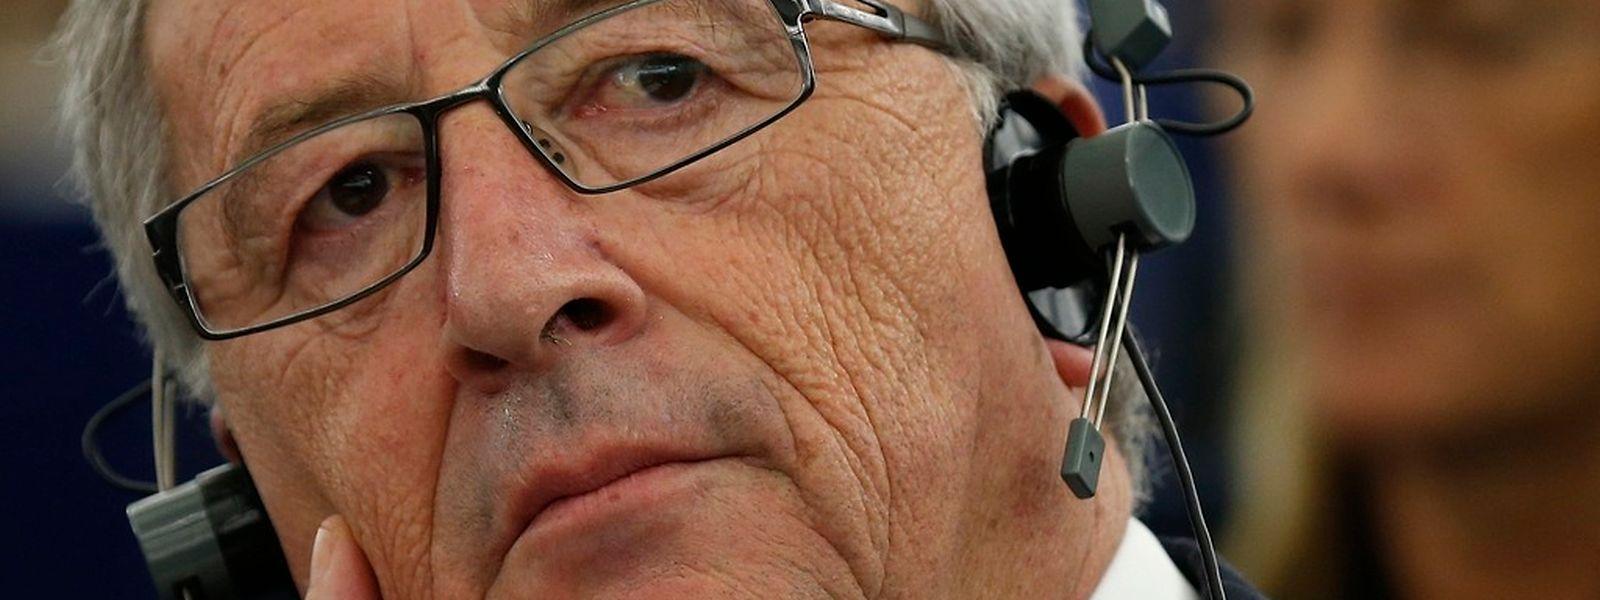 Der künftige EU-Kommissionspräsident Jean-Claude Juncker will die Bürokratie in der EU-Kommission abbauen.